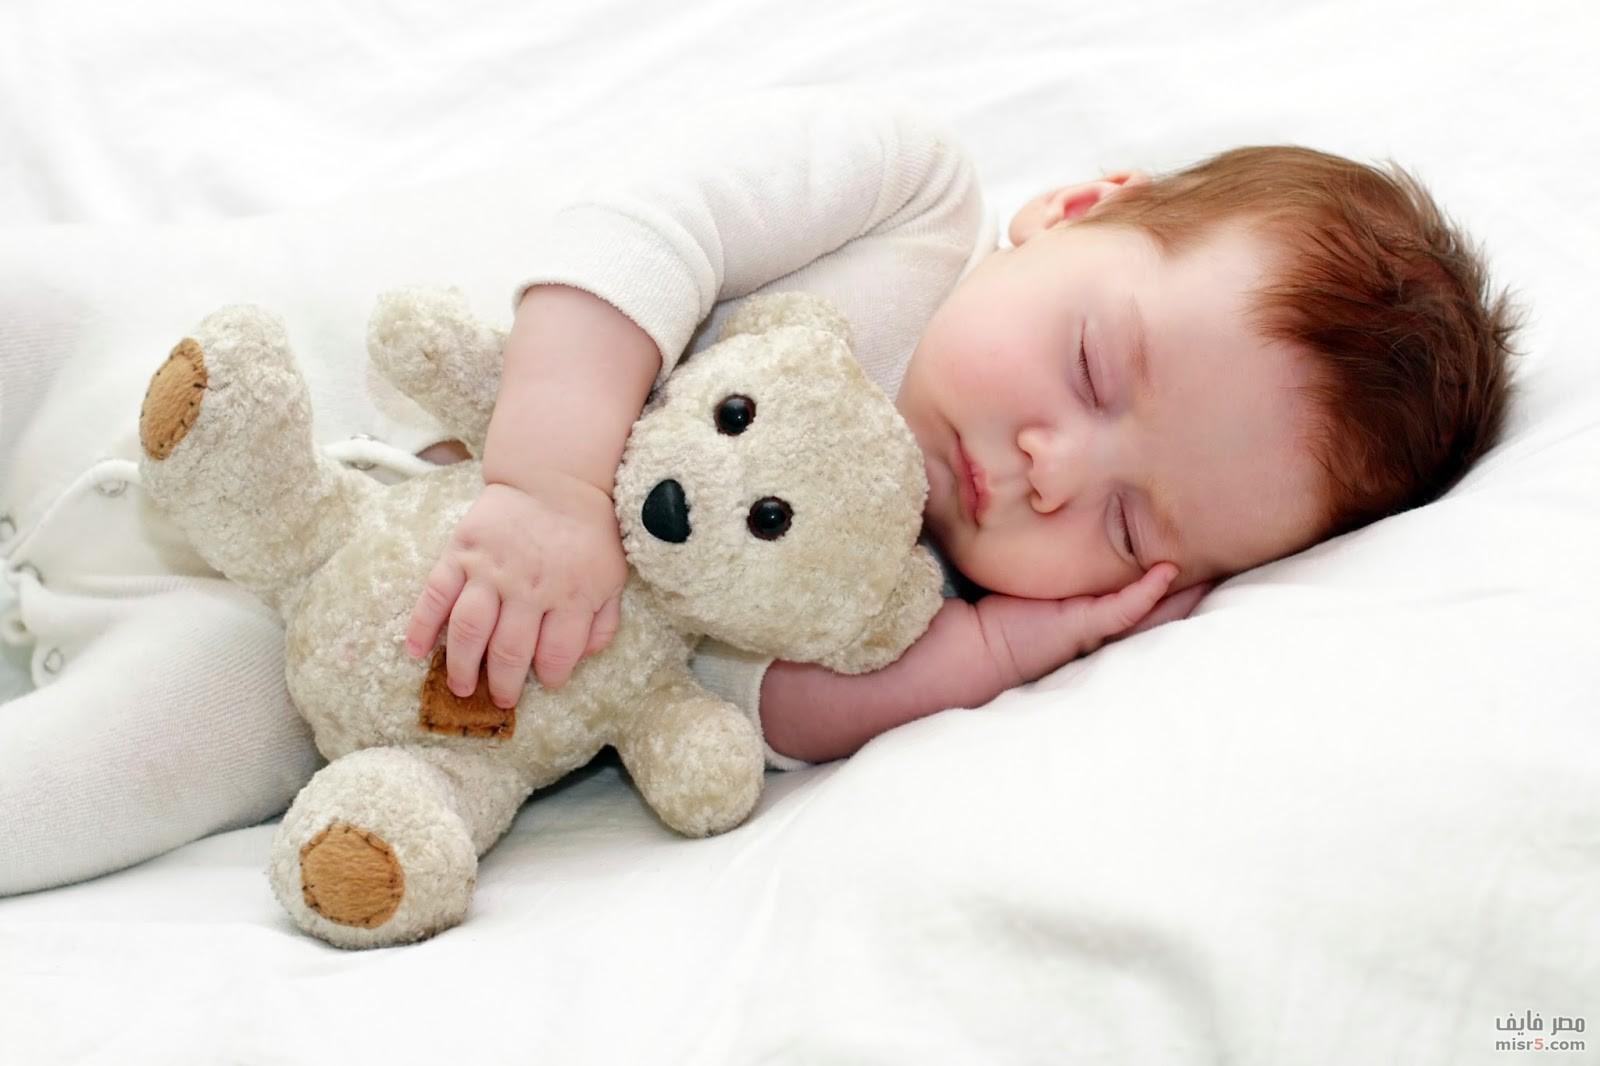 هو سبب انقطاع النفس عند الأطفال أثناء النوم